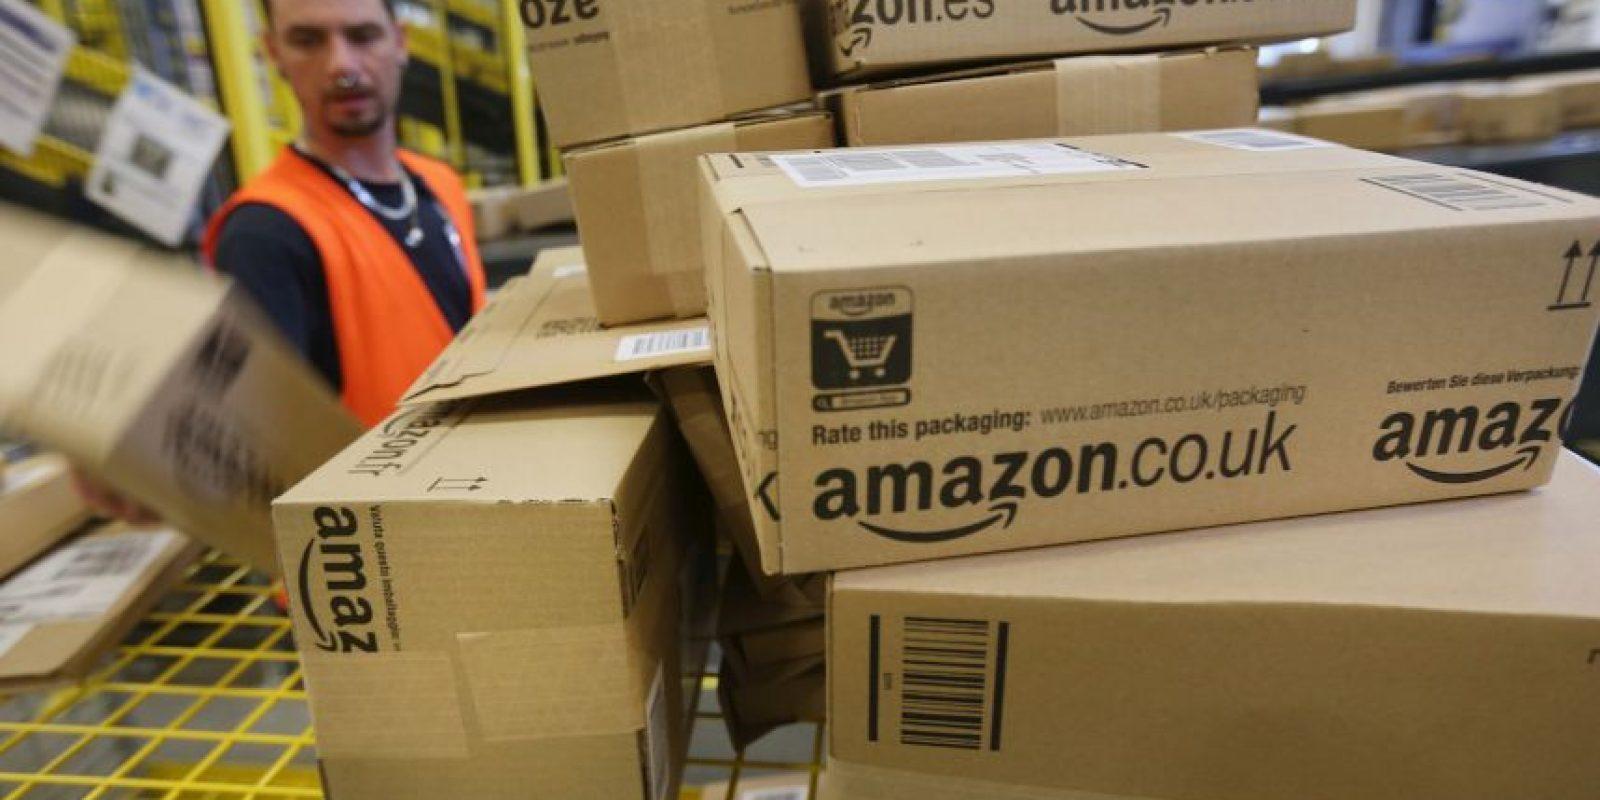 19.5 millones de personas compran en Amazon diariamente, eso es más que la población total de países como Chile, Holanda o Ecuador Foto:Getty Images